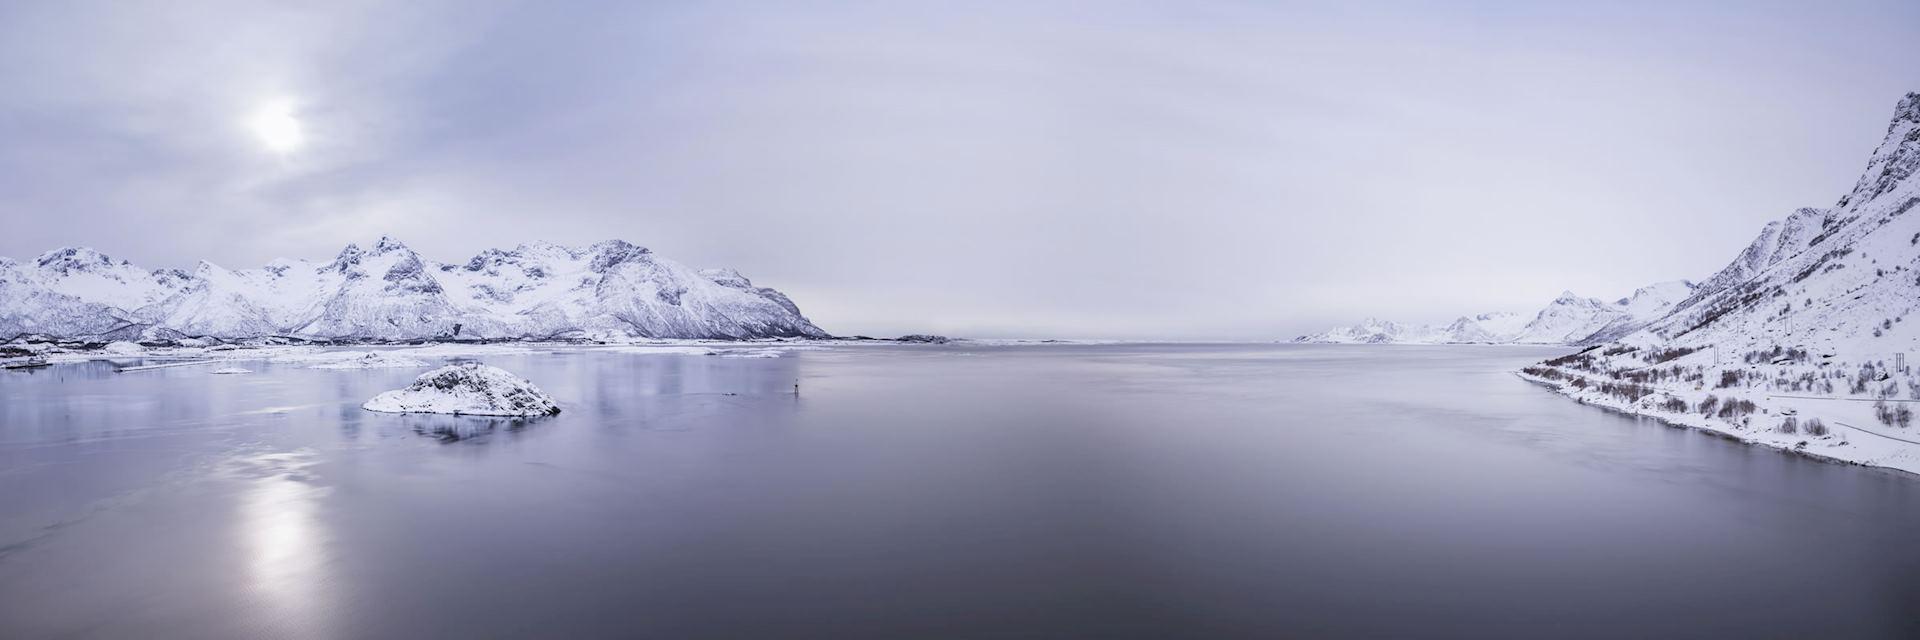 Norwegian Arctic landscape